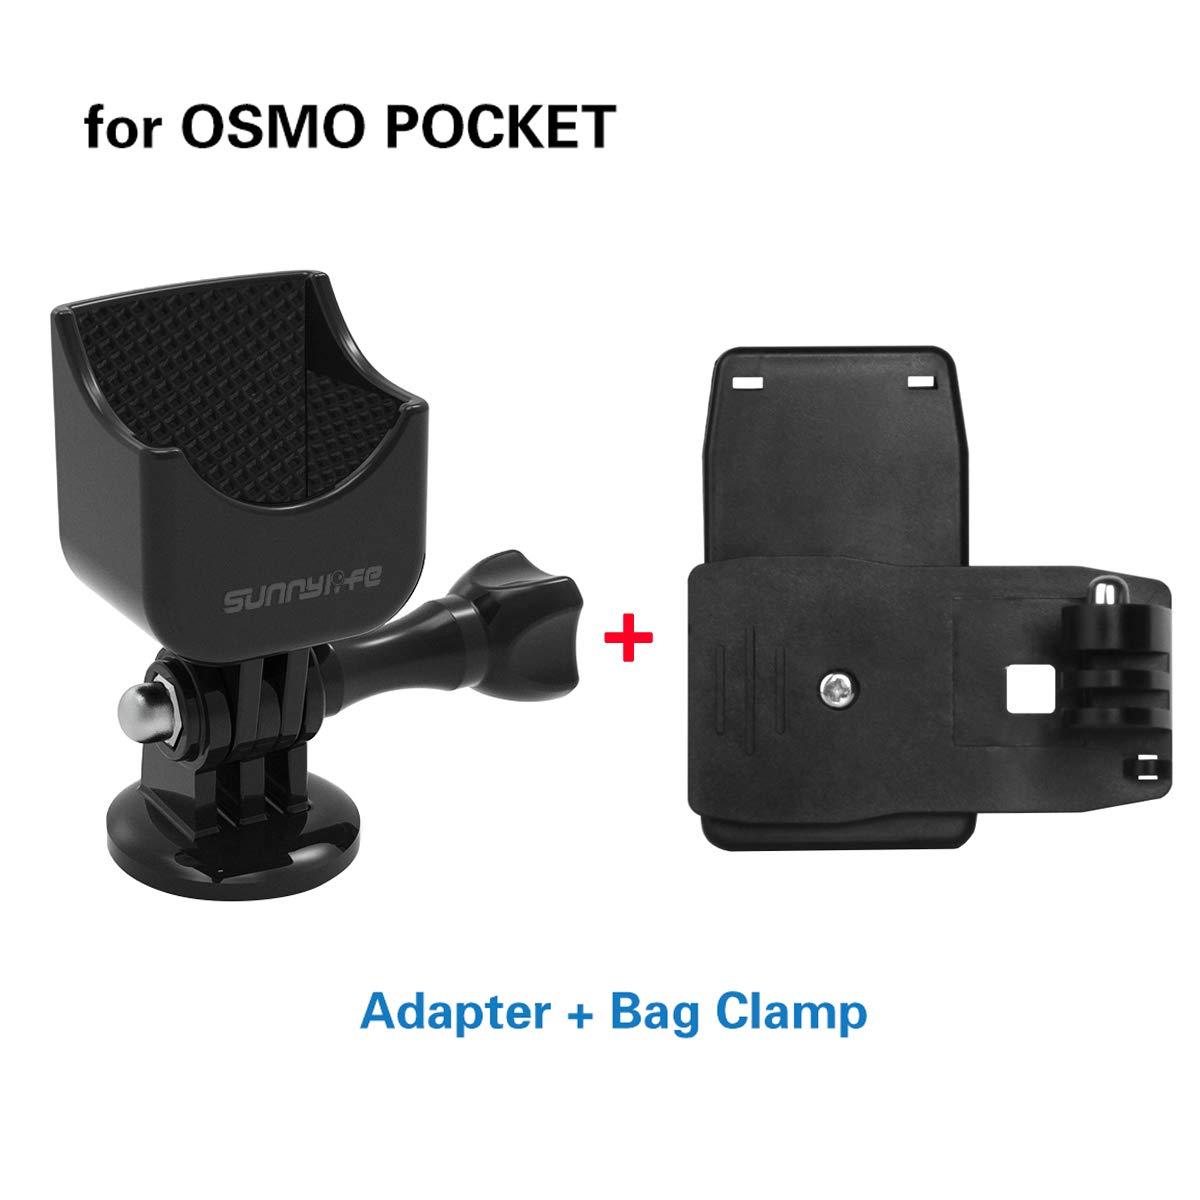 1/4インチねじアダプターマウントスタンドホルダー+バックパックショルダーストラップクリップクランプセット Darkhorse多機能拡張 DJI Osmo Pocket ハンドヘルドジンバルカメラに対応 B07MV5PR67